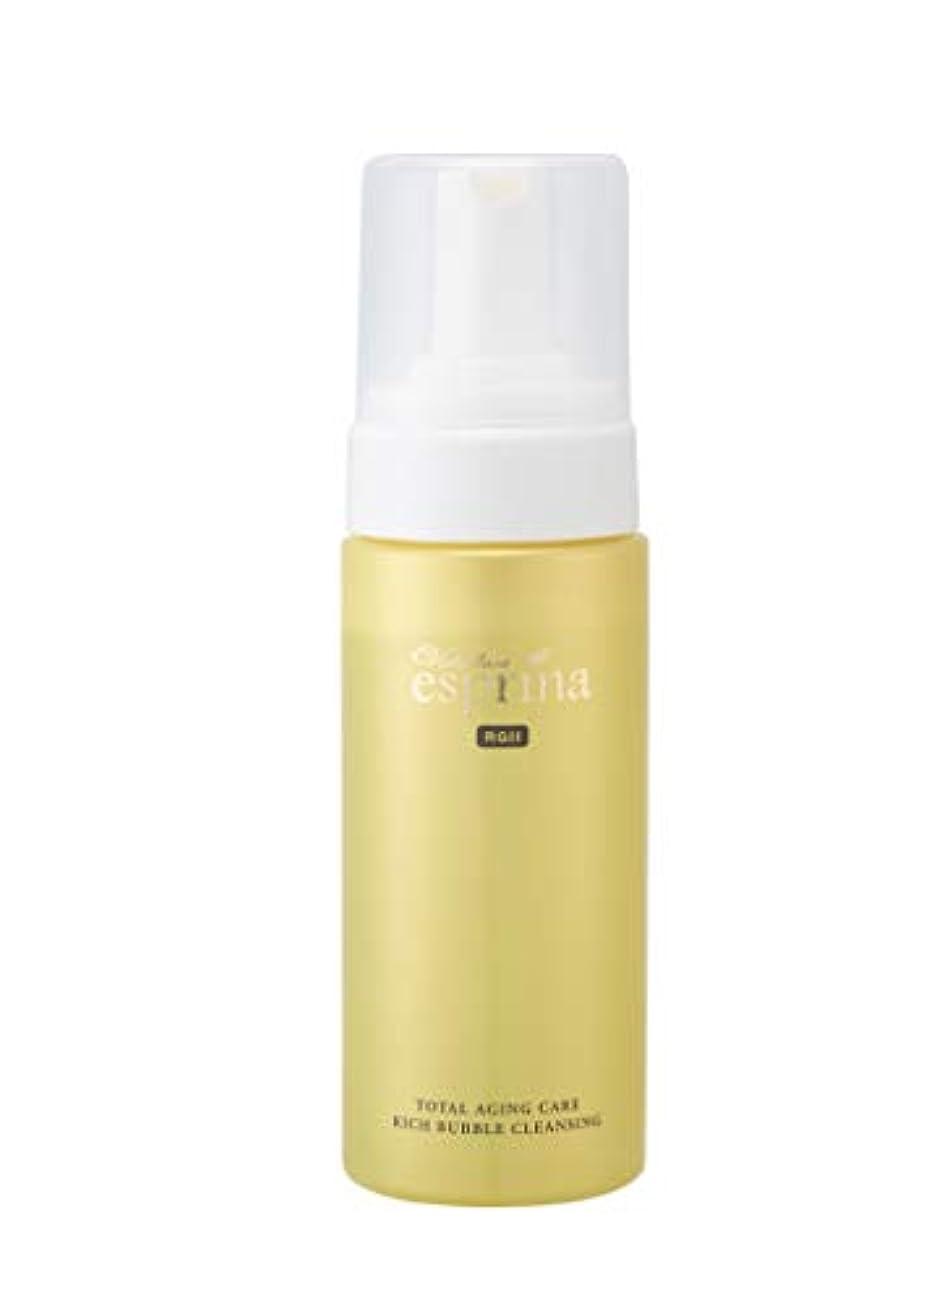 お手伝いさん療法またエスプリーナ RG2 トータルエイジングケア 濃密泡 クレンジング <ゴールドパッケージ限定版>